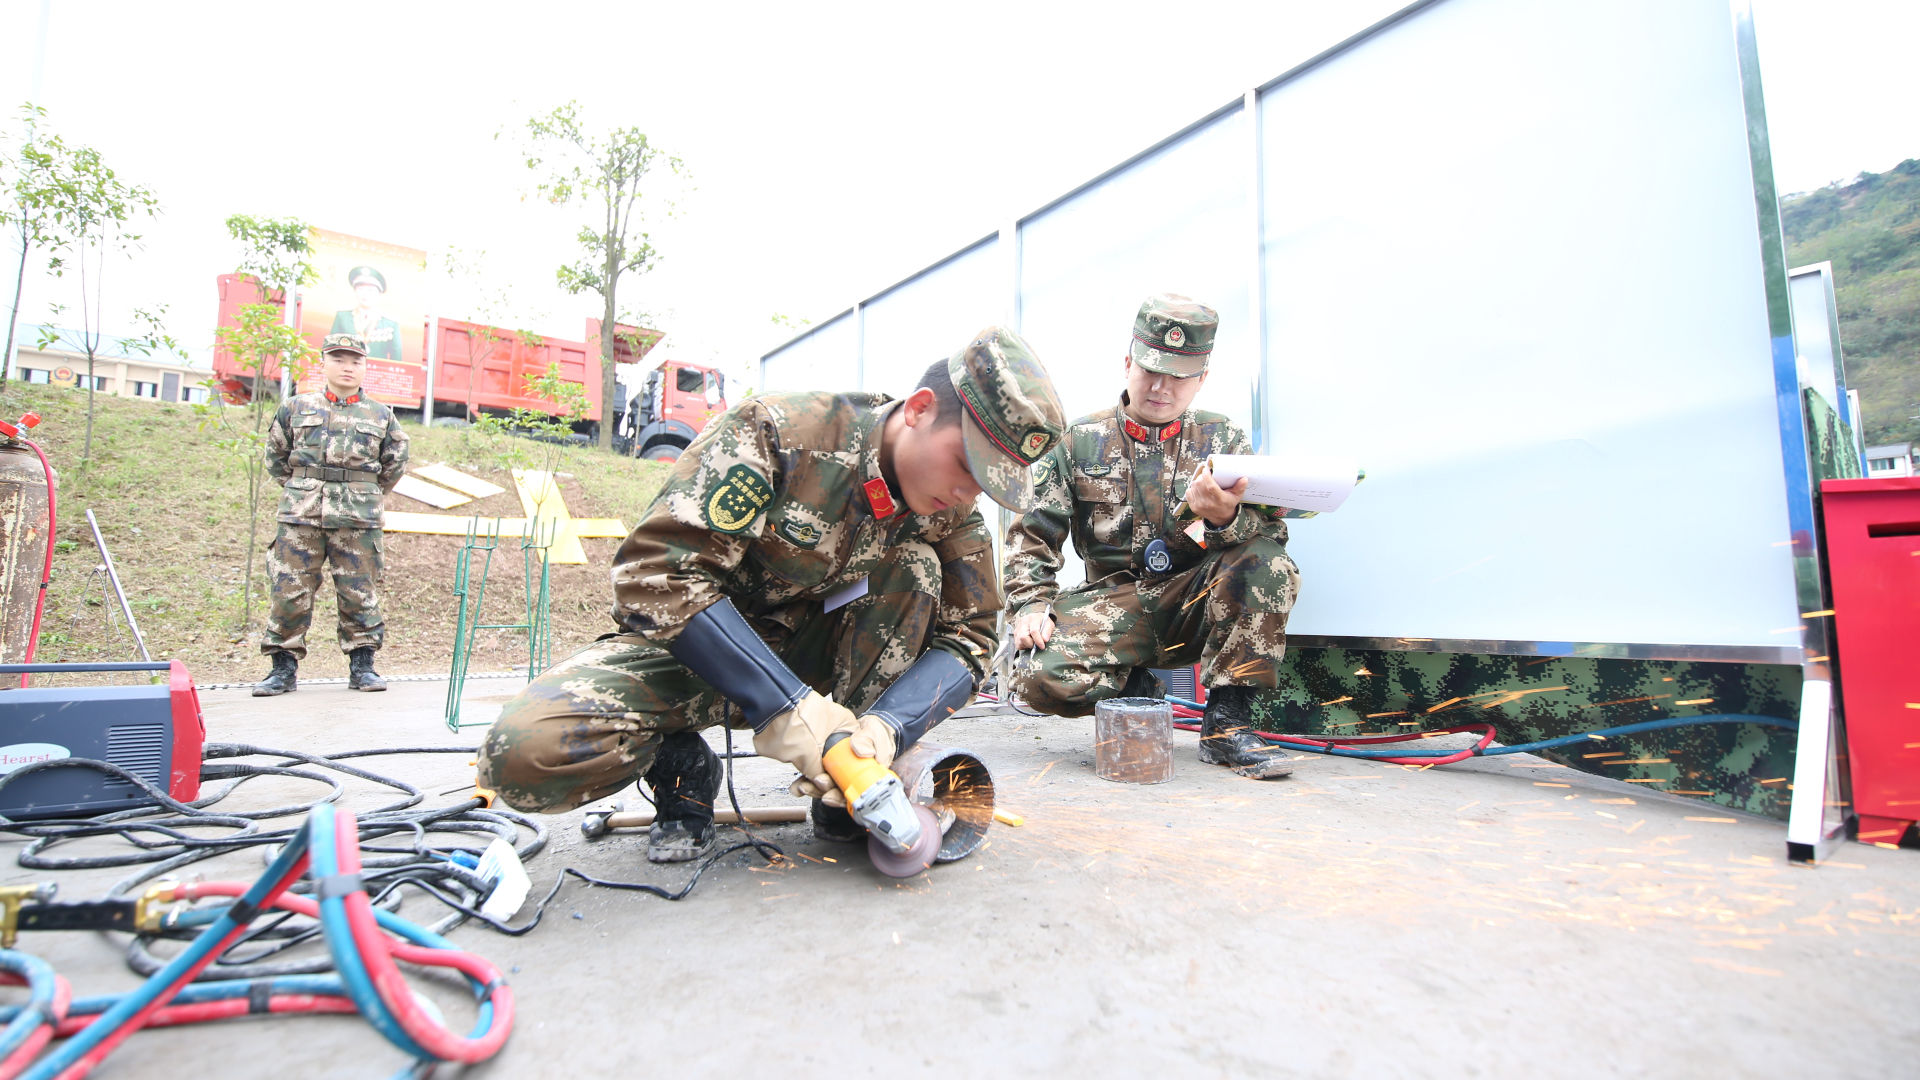 国家应急救援部队的专业比武现场竟然是这样